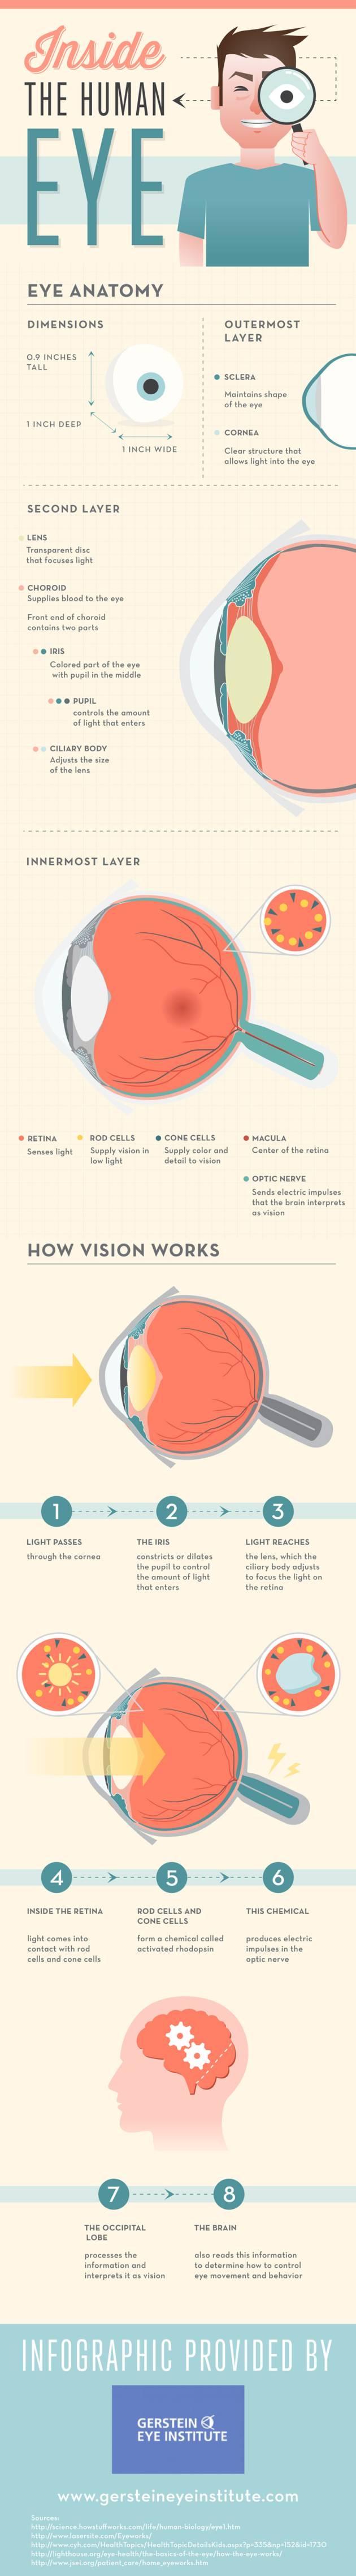 Anatomy of the Human Eye | Healthy Eye Tips | Pinterest | Human eye ...